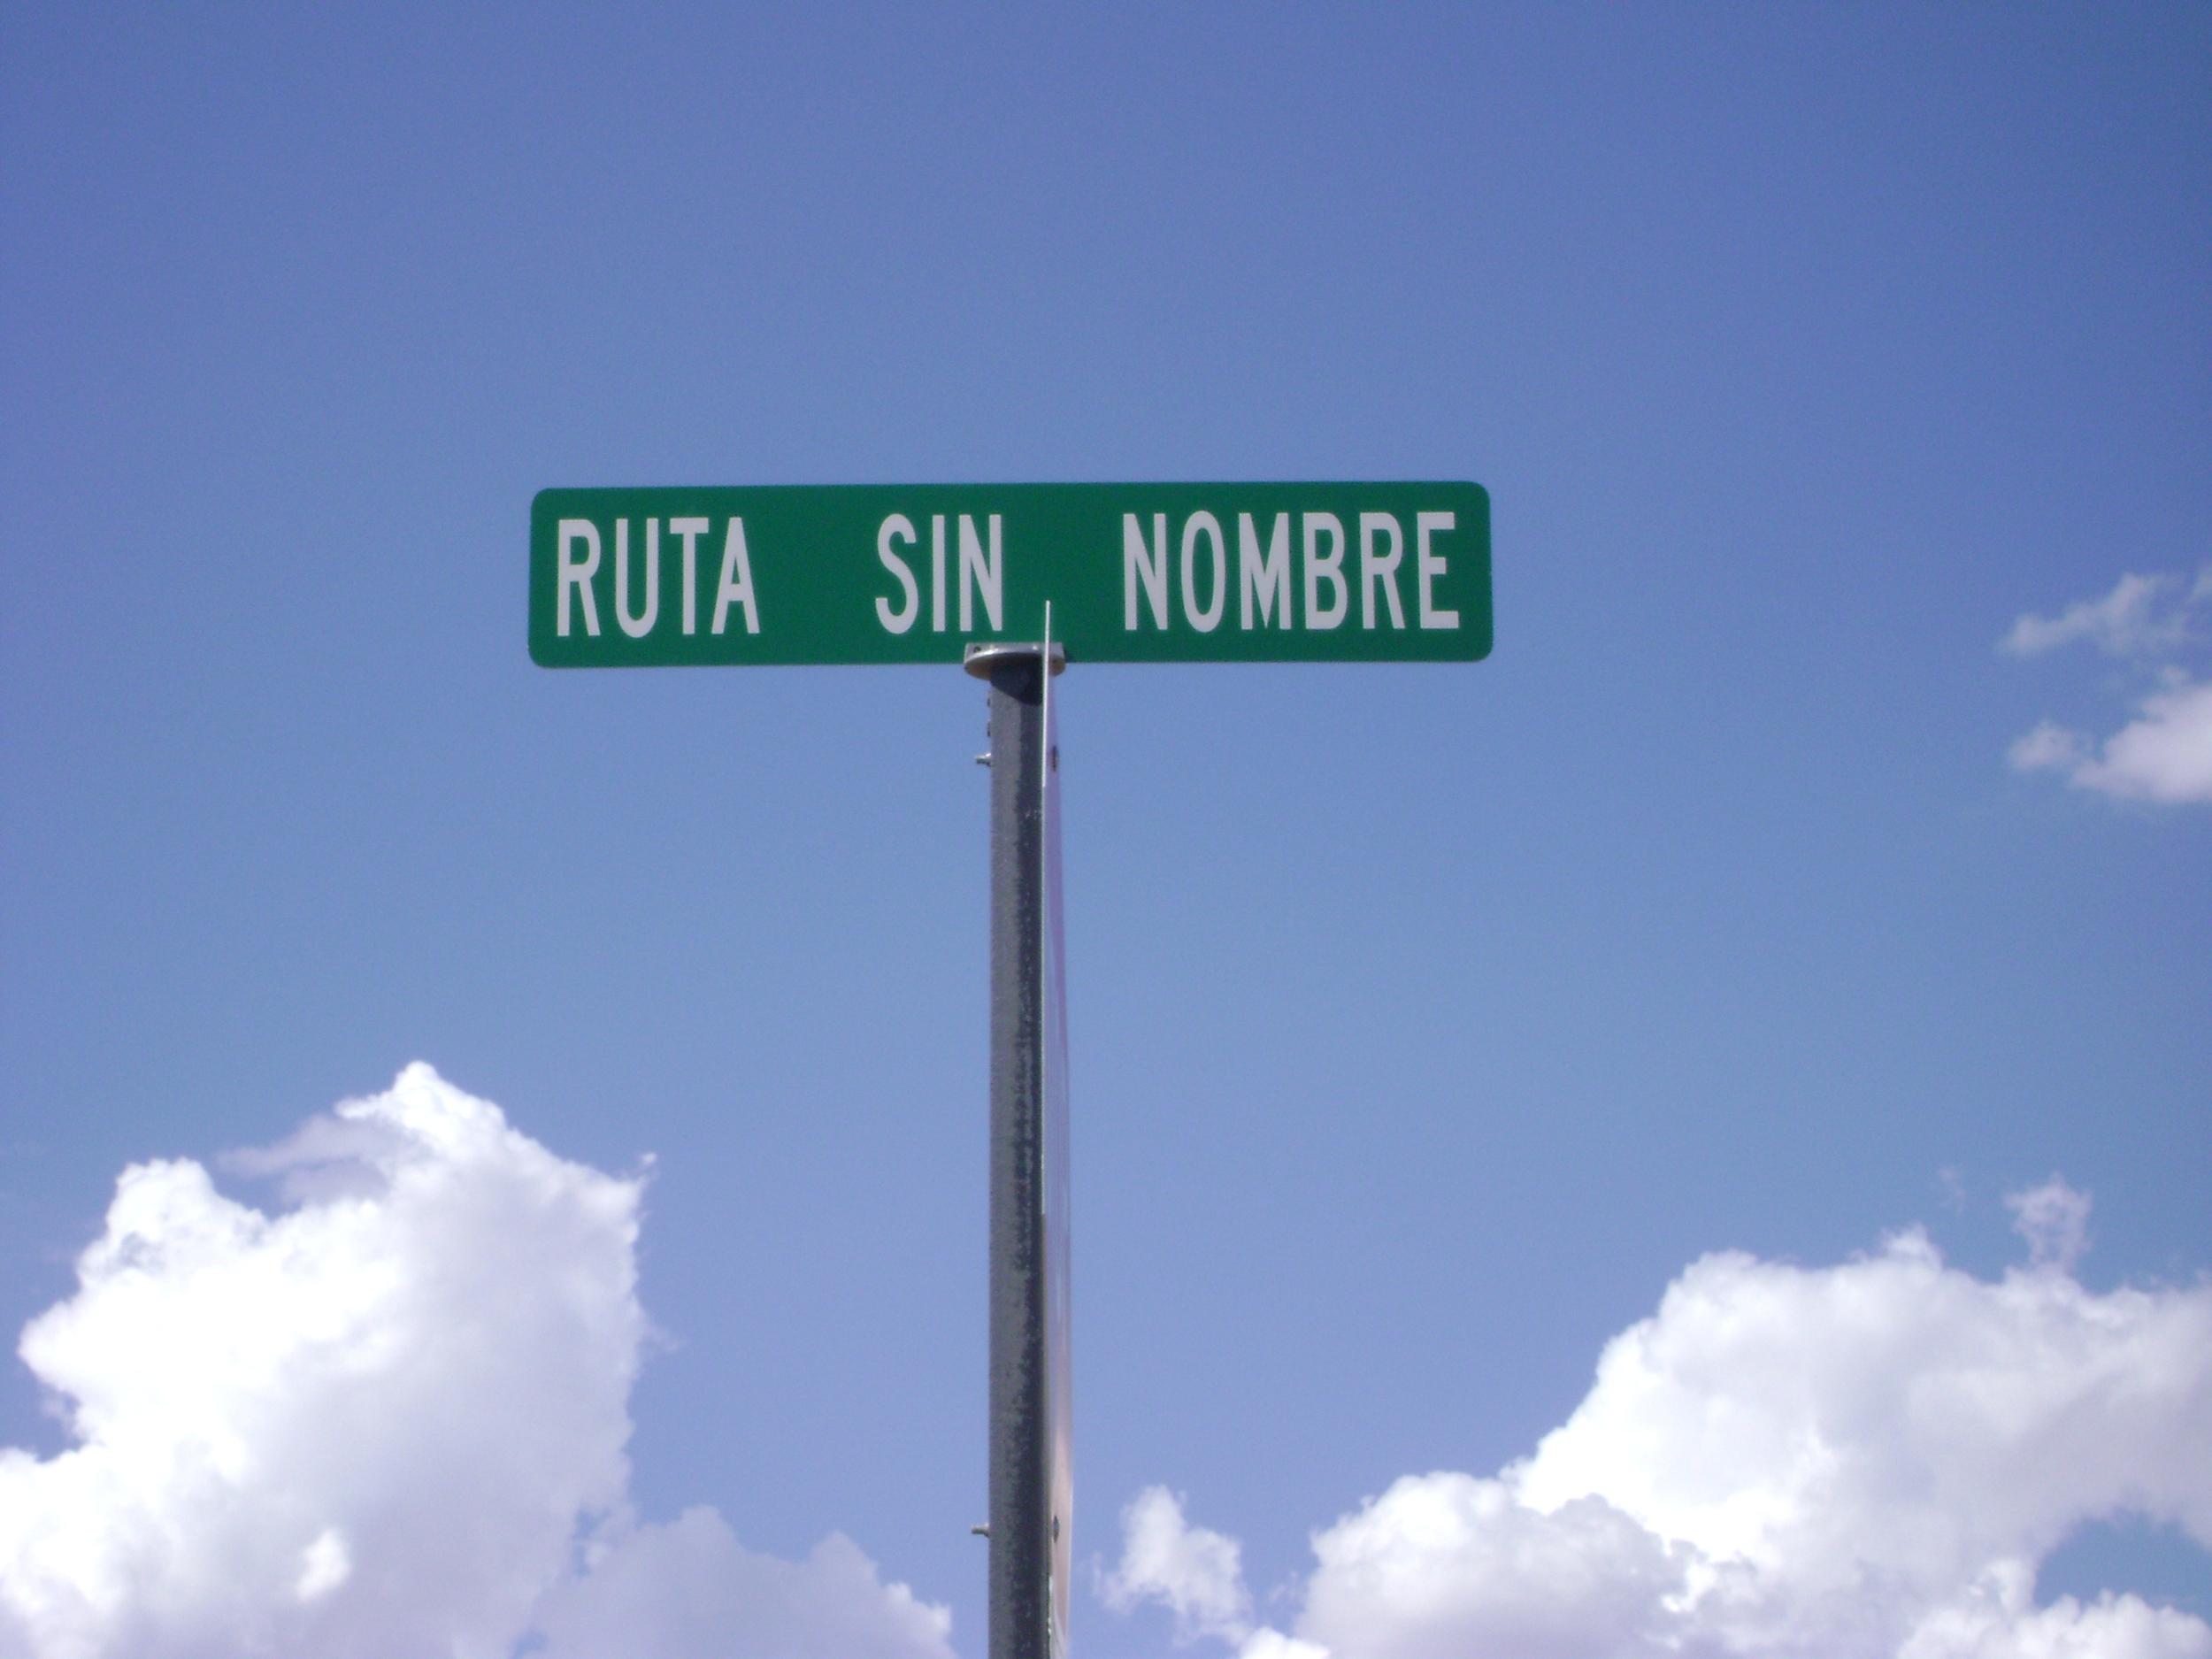 Ruta sin nombre